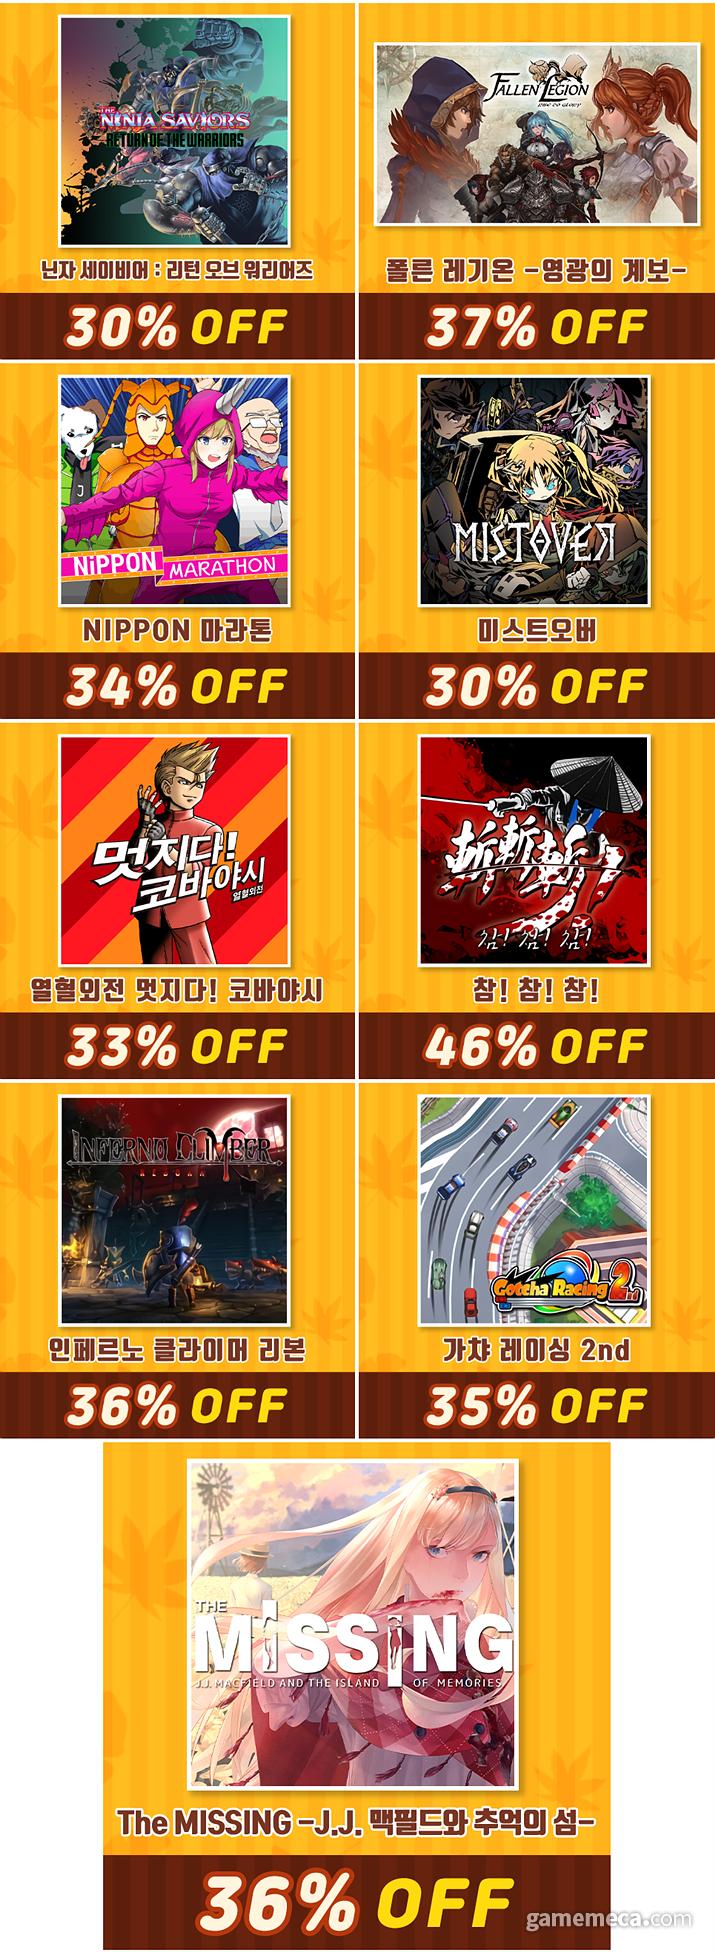 닌텐도 e숍 할인 목록 (사진출처: 아크시스템웍스 아시아지점 공식 블로그)